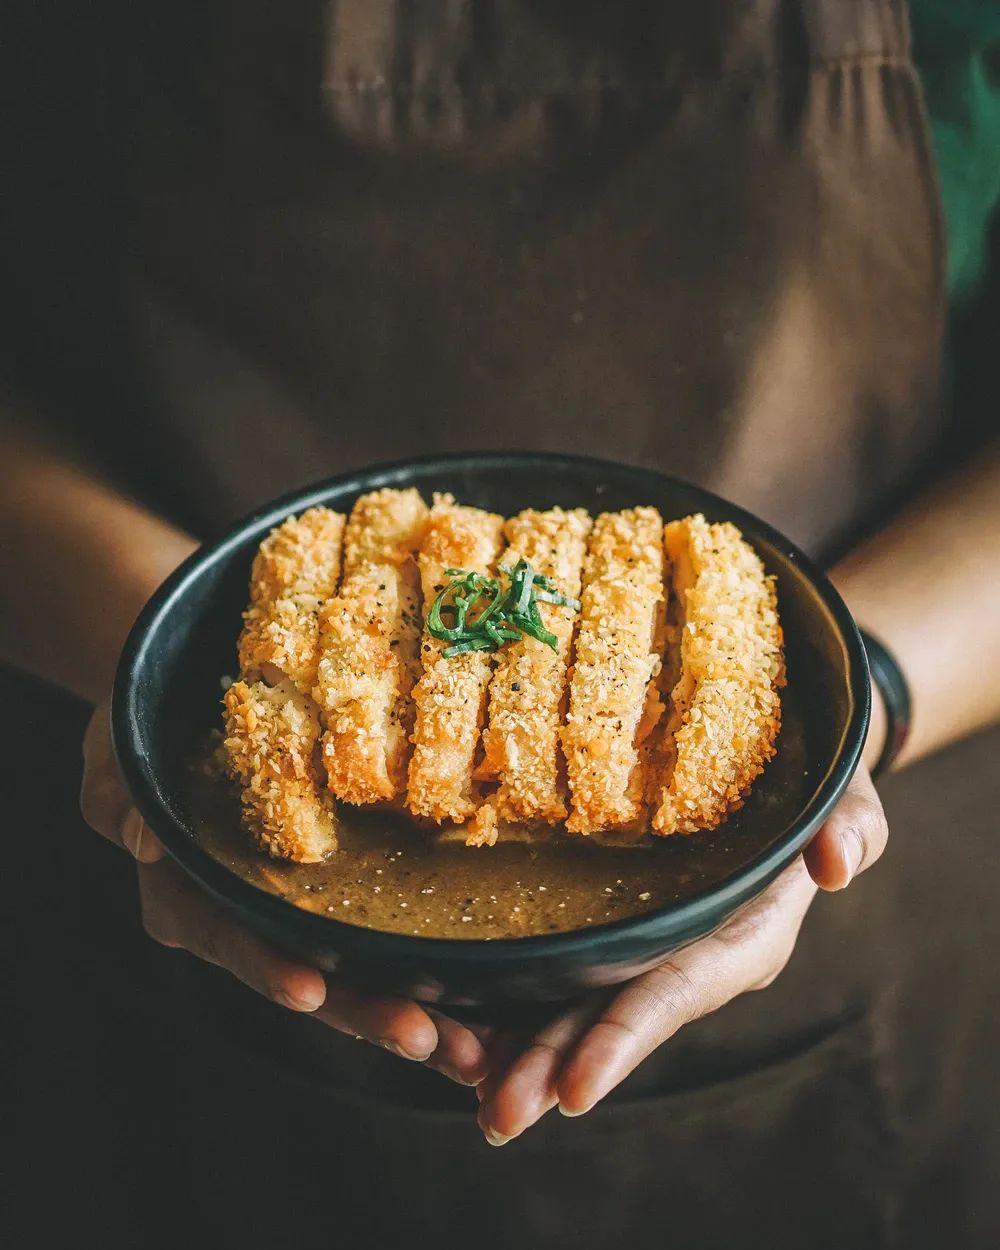 △集于一盘的牛丼是日本家庭主妇的首选菜单 / unsplash